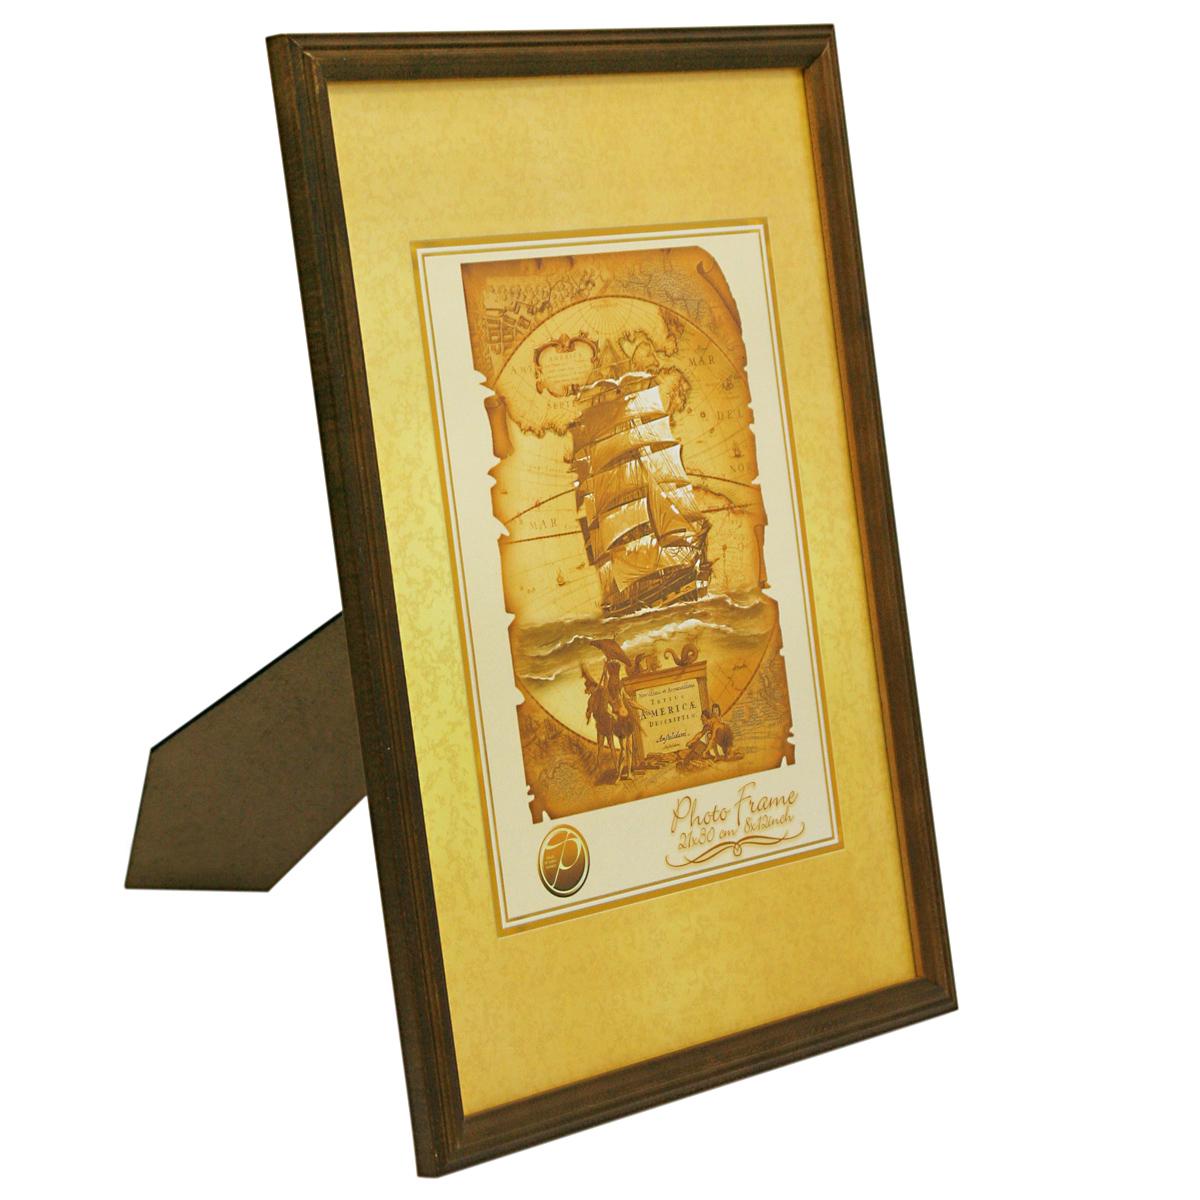 Фоторамка деревянная Veld-Co, цвет: темно-коричневый, 10 х 15 см6268_темно-коричневыйФоторамка Pioneer Nora выполнена из дерева и стекла, защищающего фотографию. Оборотная сторона рамки оснащена специальной ножкой, благодаря которой ее можно поставить на стол или любое другое место в доме или офисе. Также изделие оснащено специальными отверстиями для подвешивания на стену.Такая фоторамка поможет вам оригинально и стильно дополнить интерьер помещения, а также позволит сохранить память о дорогих вам людях и интересных событиях вашей жизни.